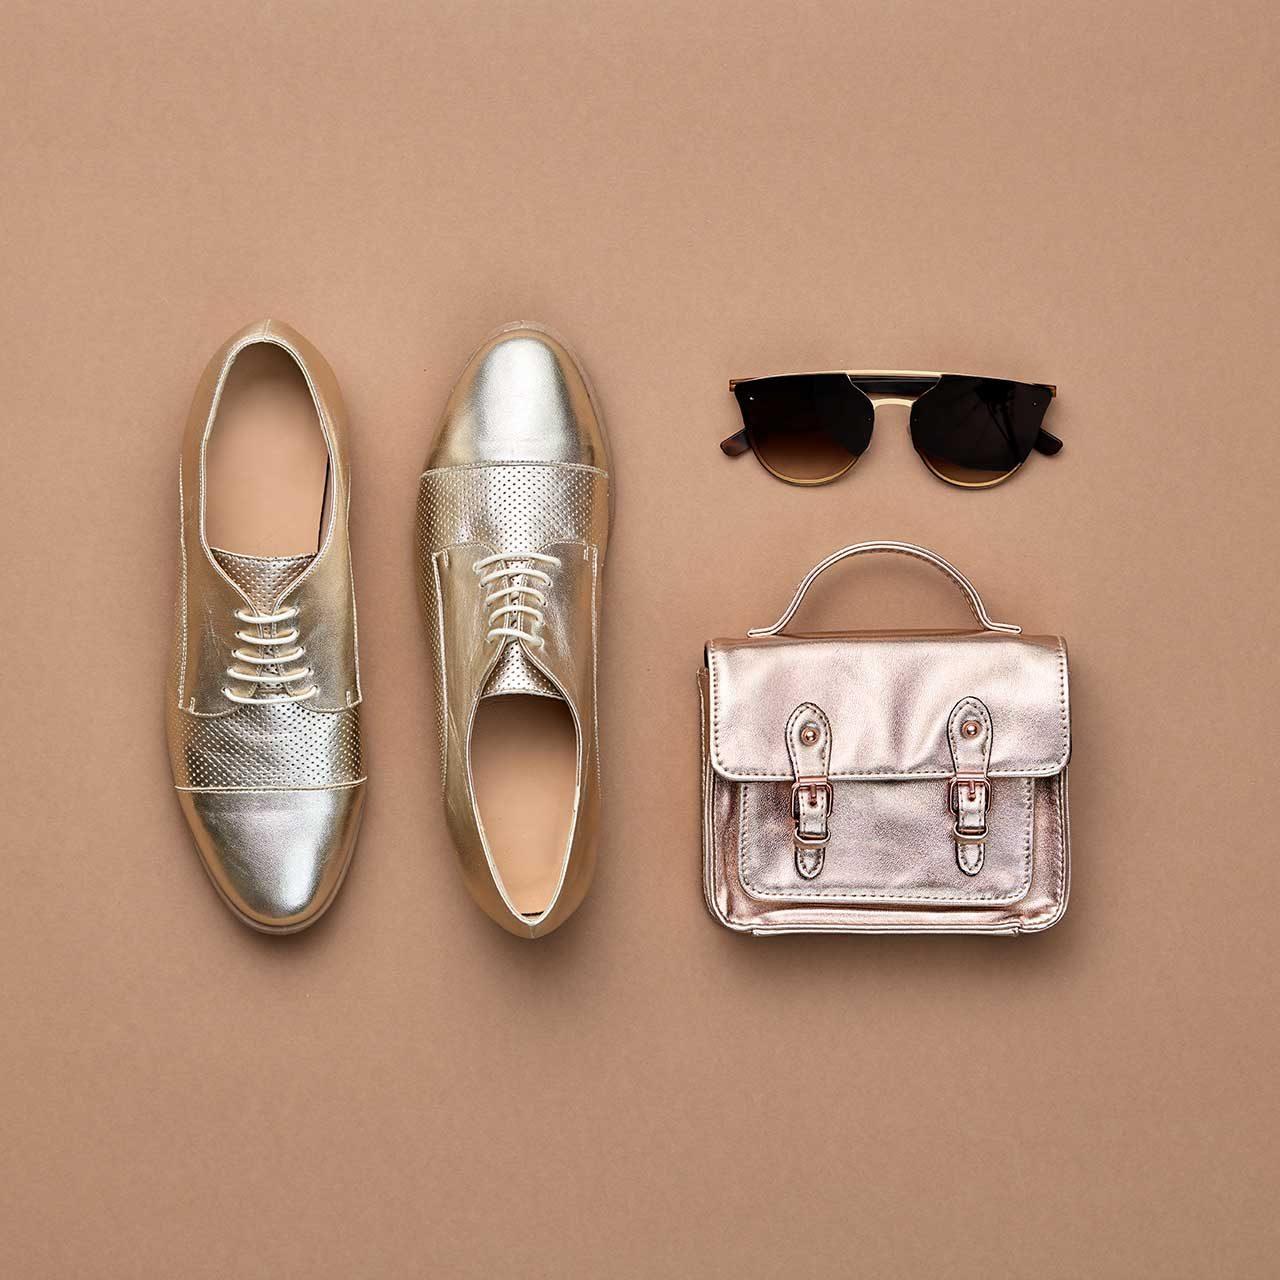 accessories-K